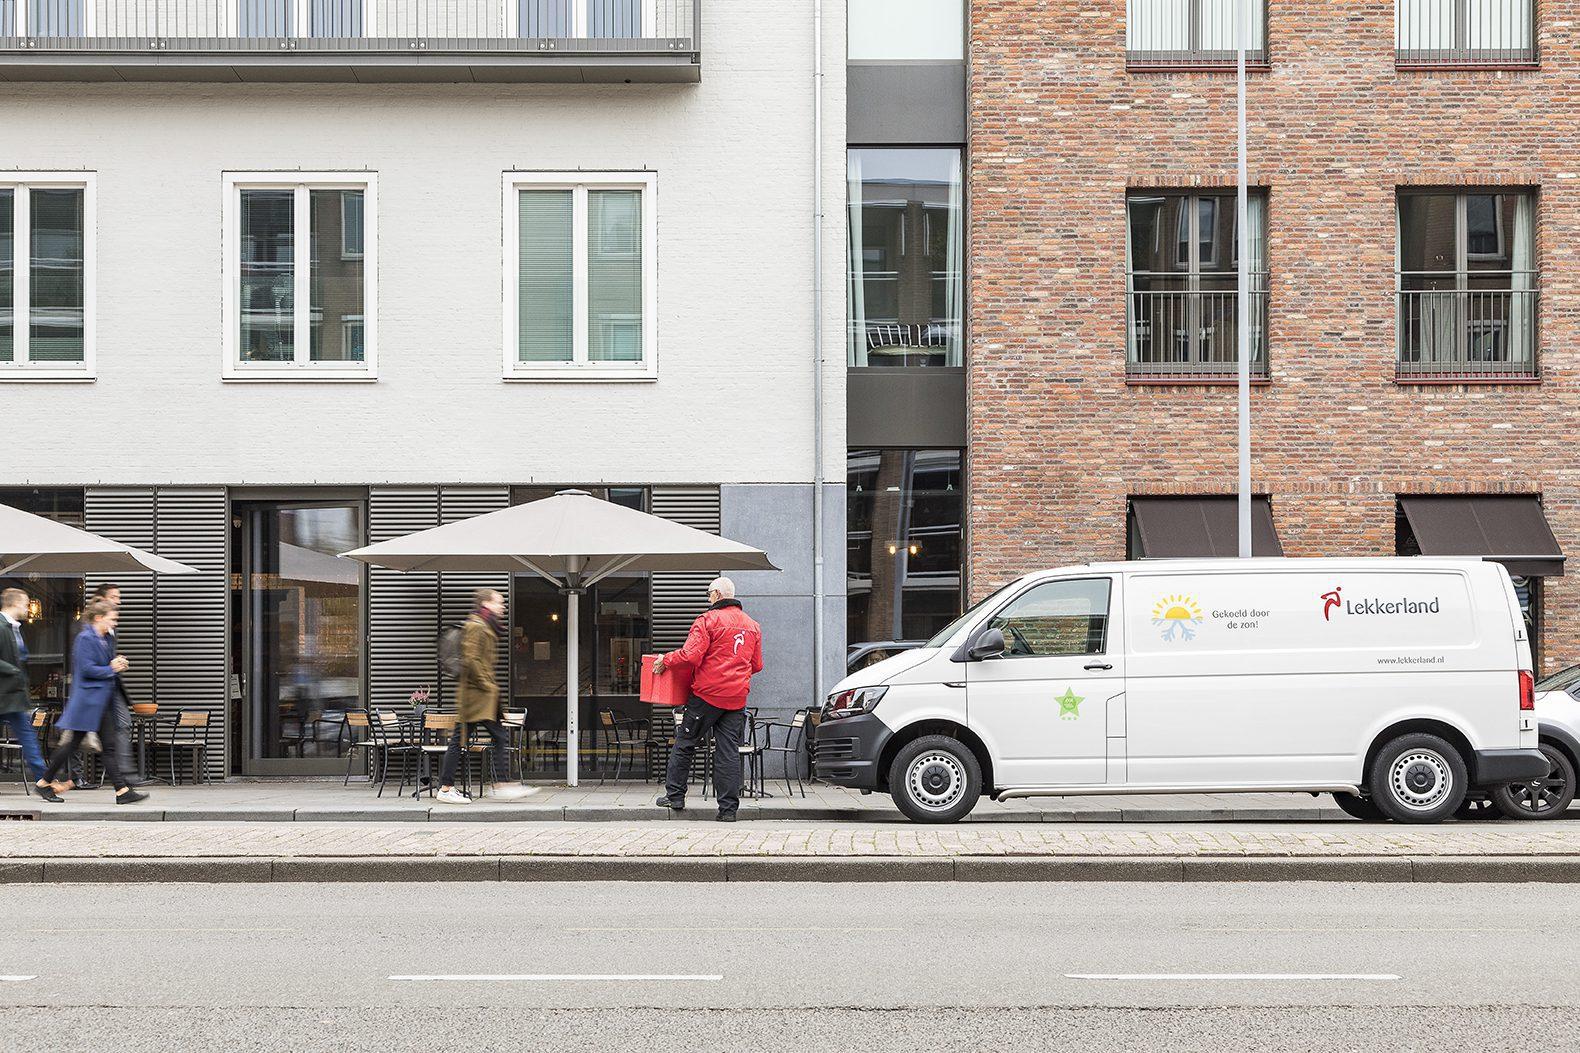 Lekkerland bus service aflevering klant centrum